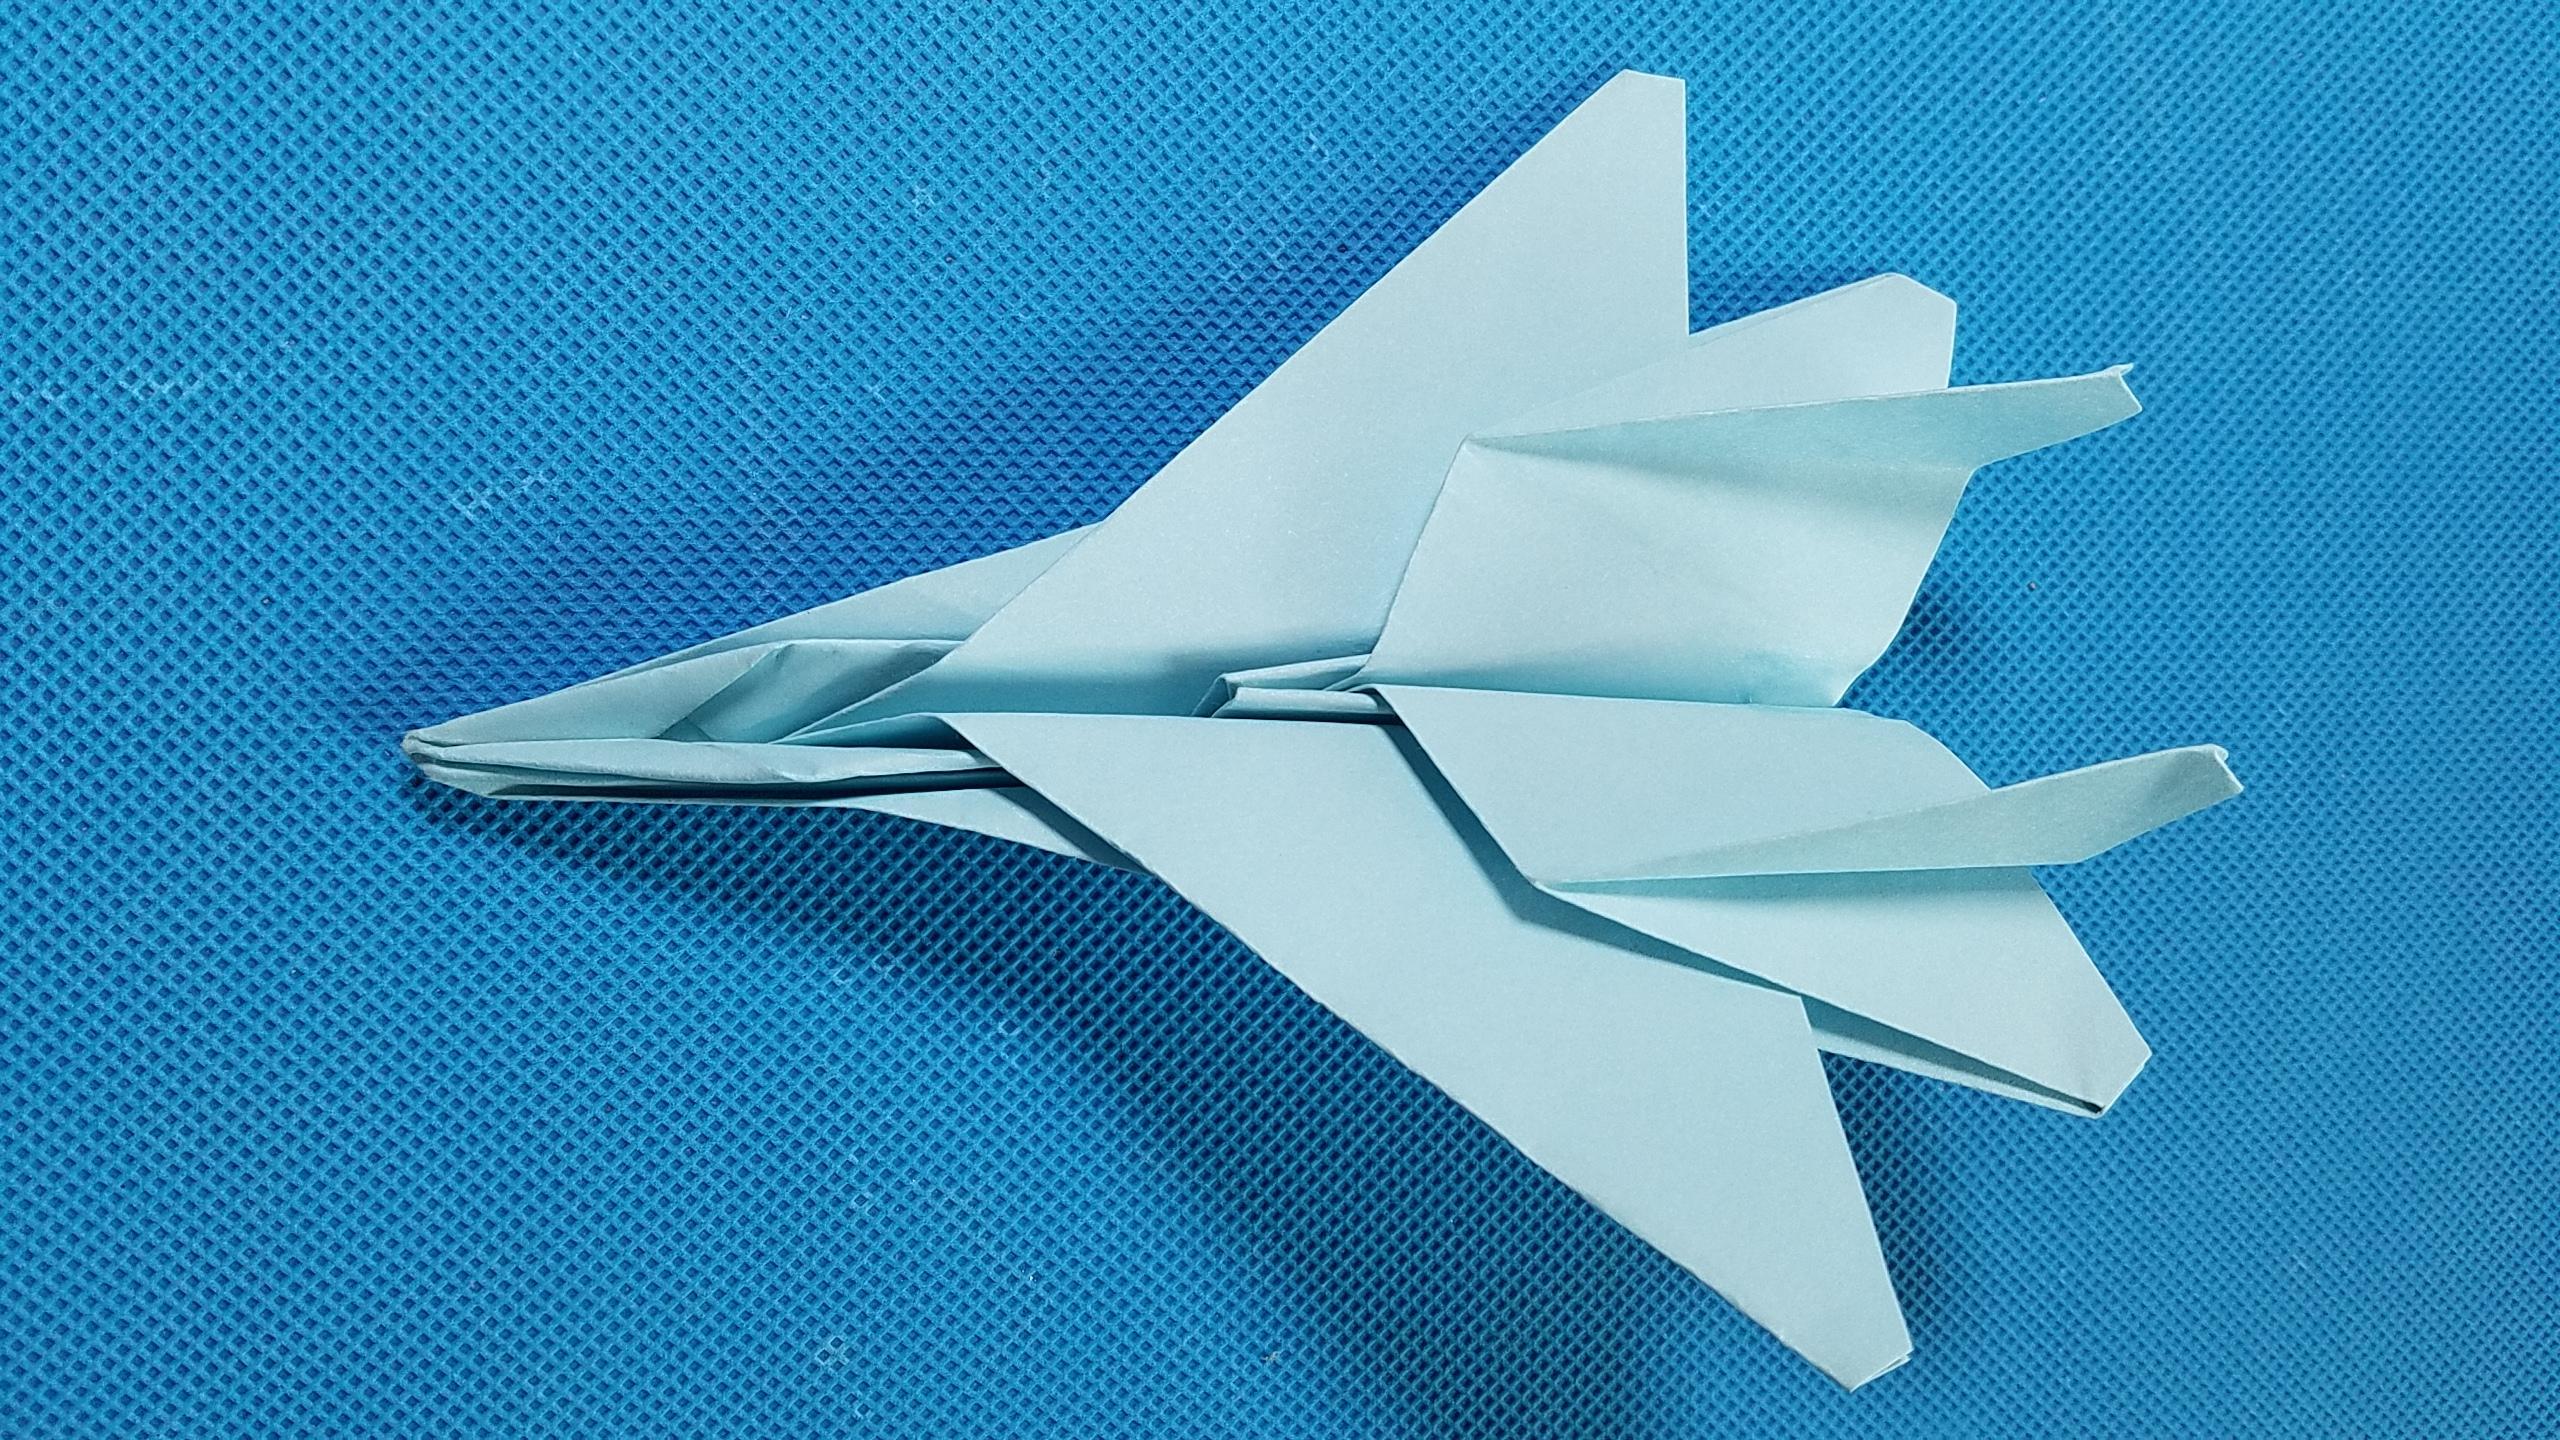 折纸王子教你折纸f15战斗机 折纸飞机9分钟学会 讲解详细 简单易学.